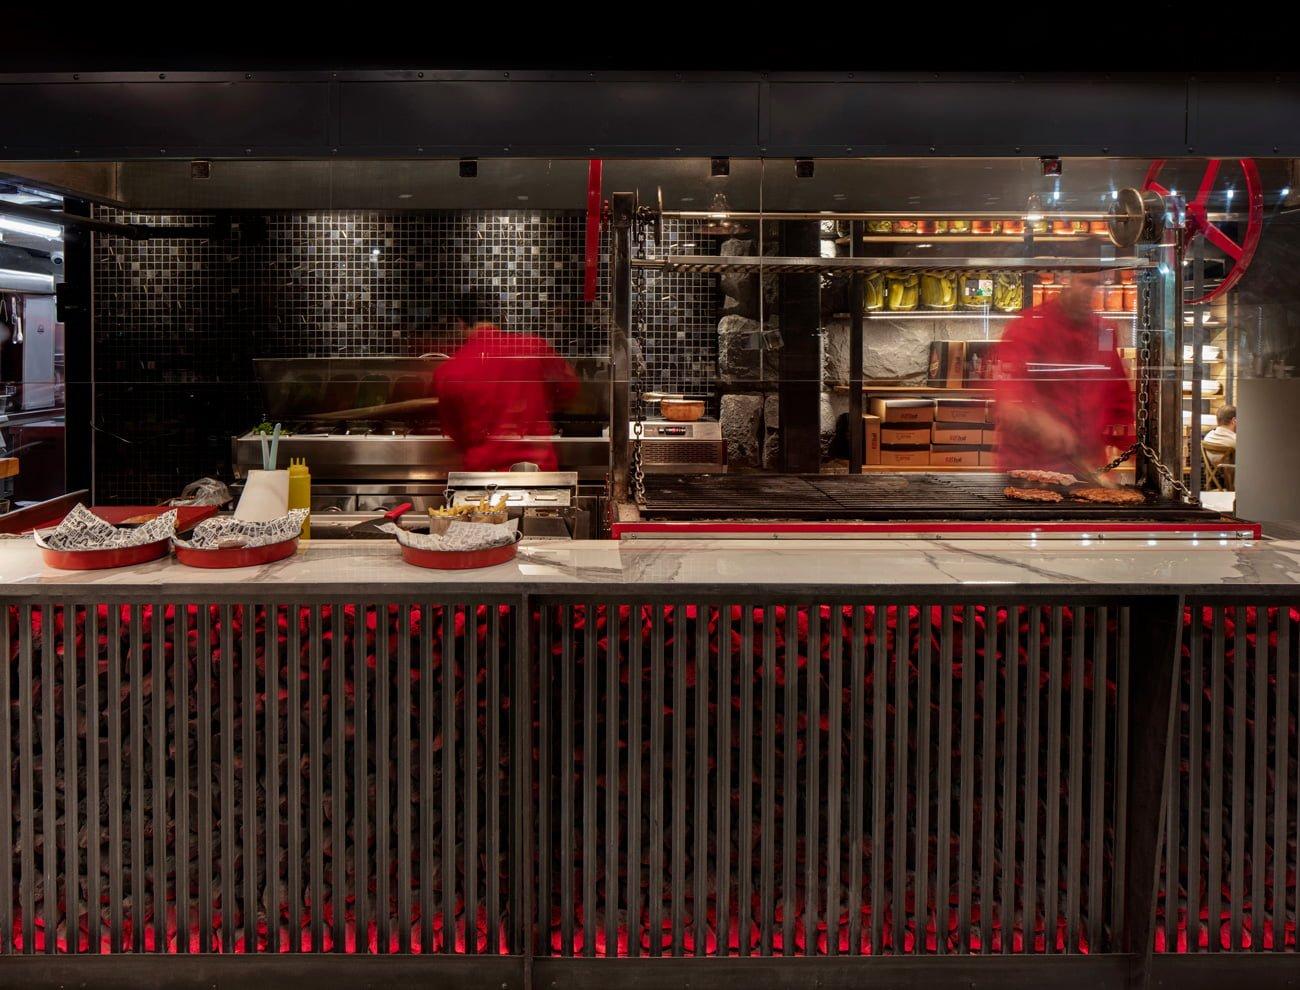 фото интерьера зала с открытой кухней ресторана Grillian на Туманяна, в центре Еревана